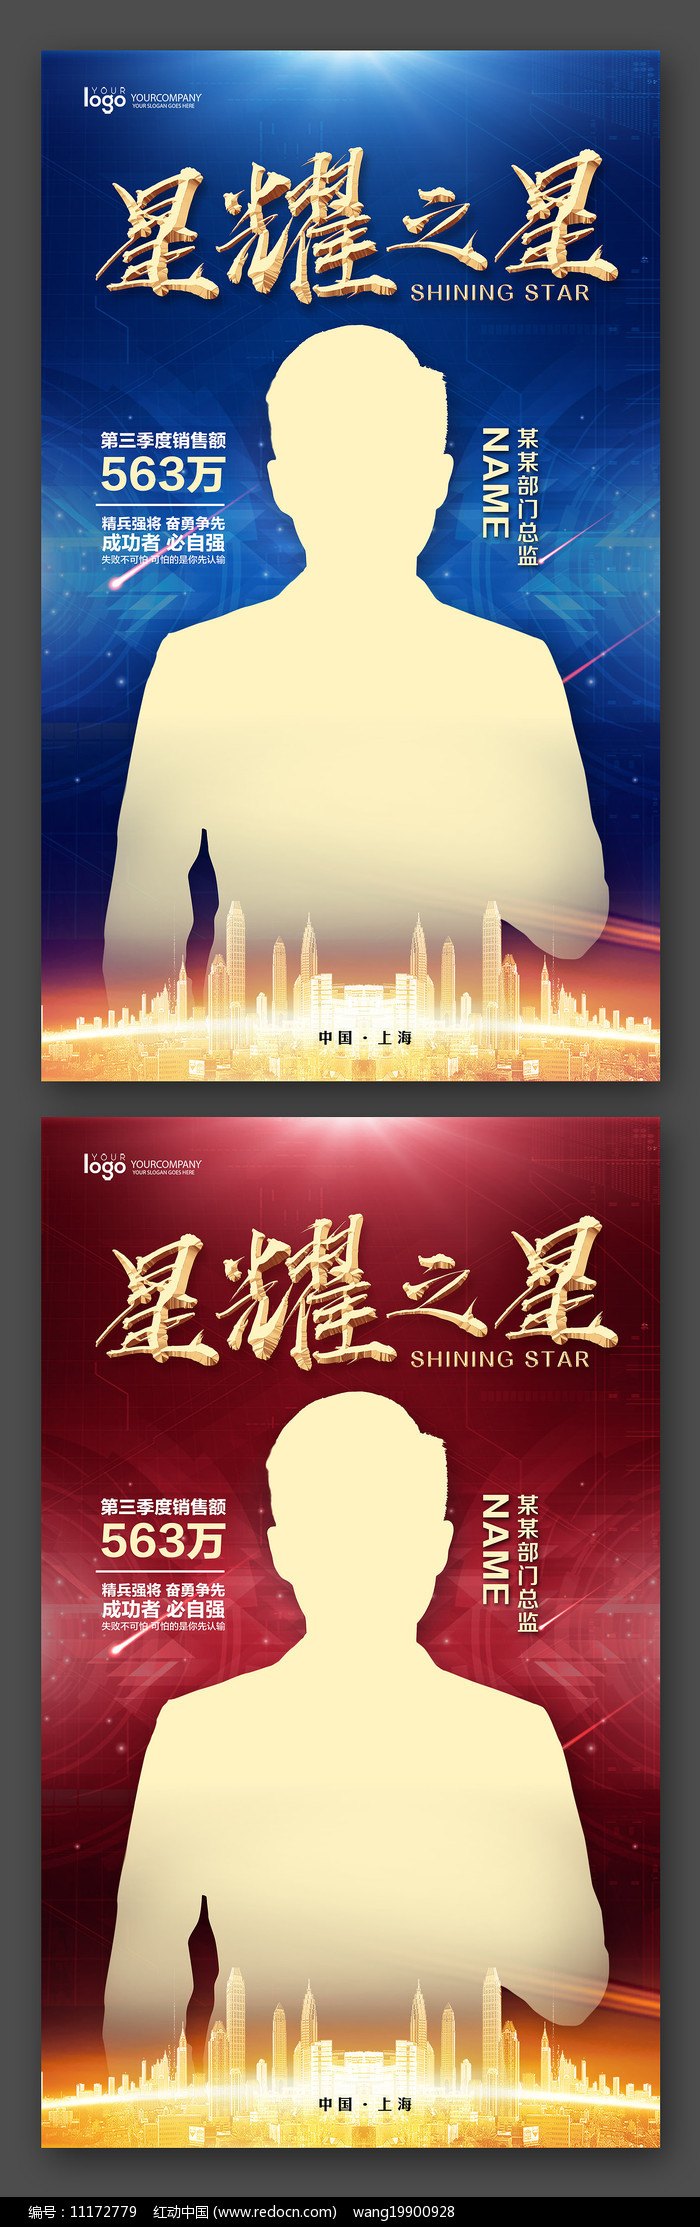 大气企业星耀之星海报设计图片